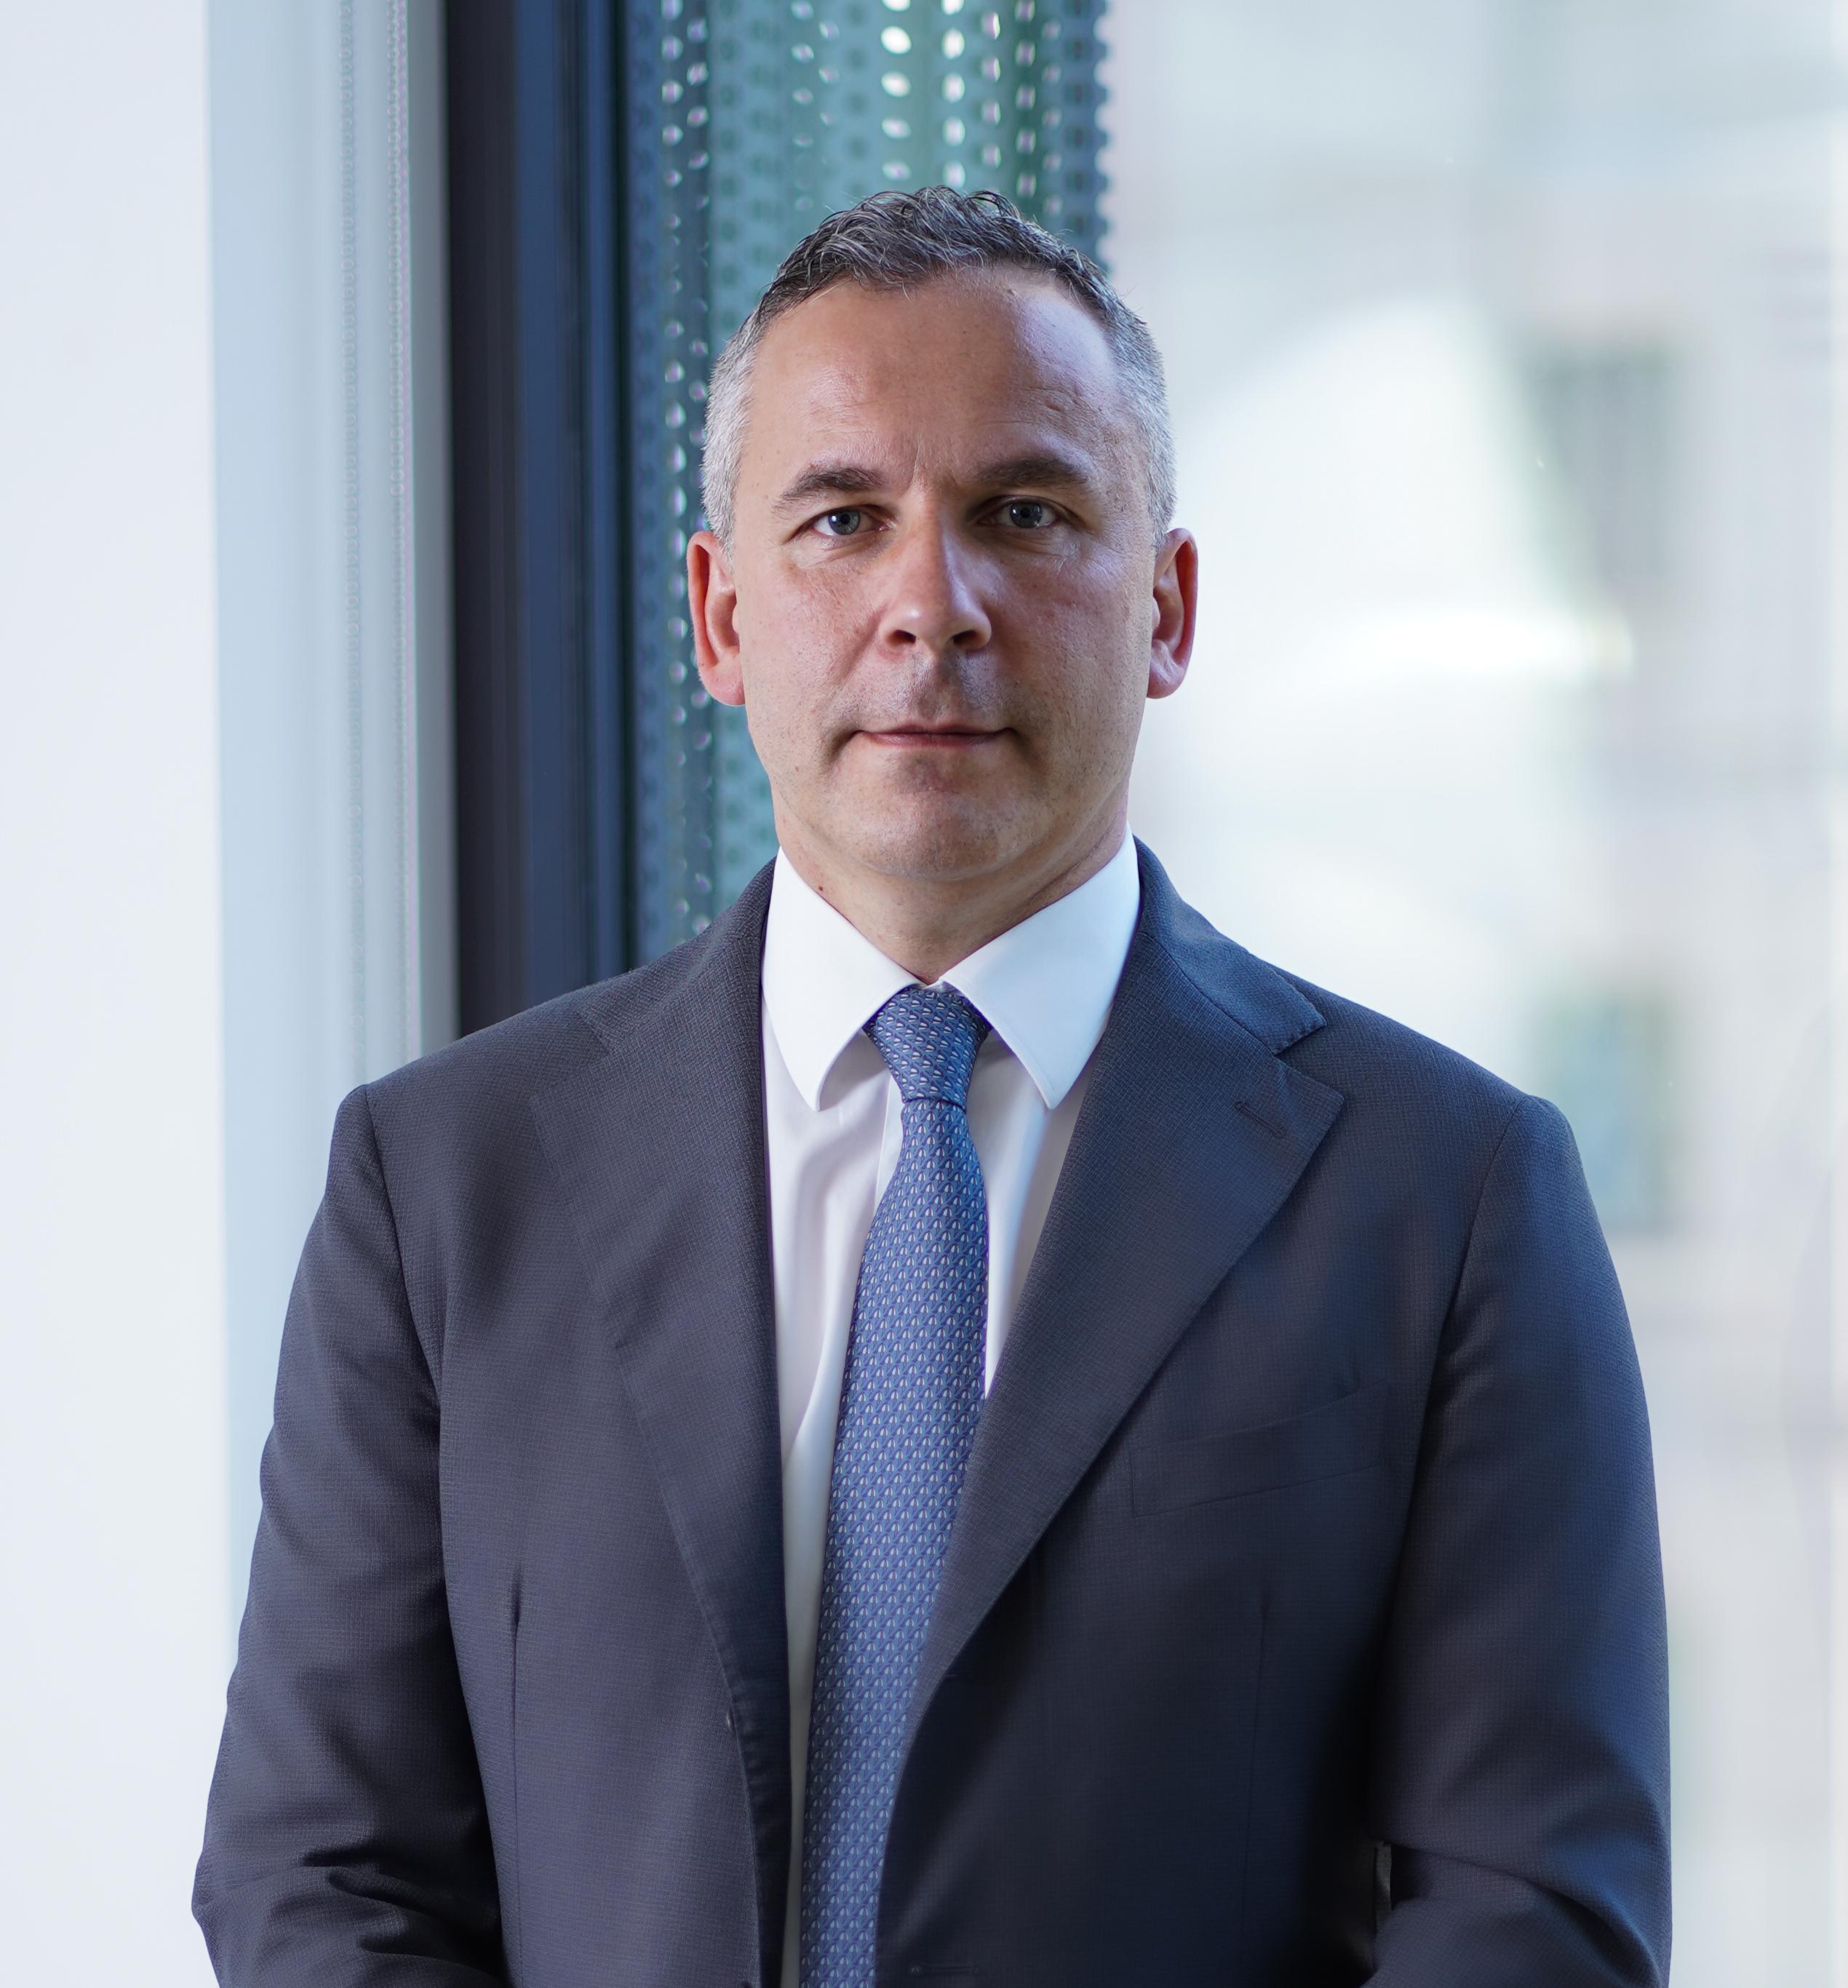 ROBERTO PARAZZINI - Supervision, Risks & Profitability